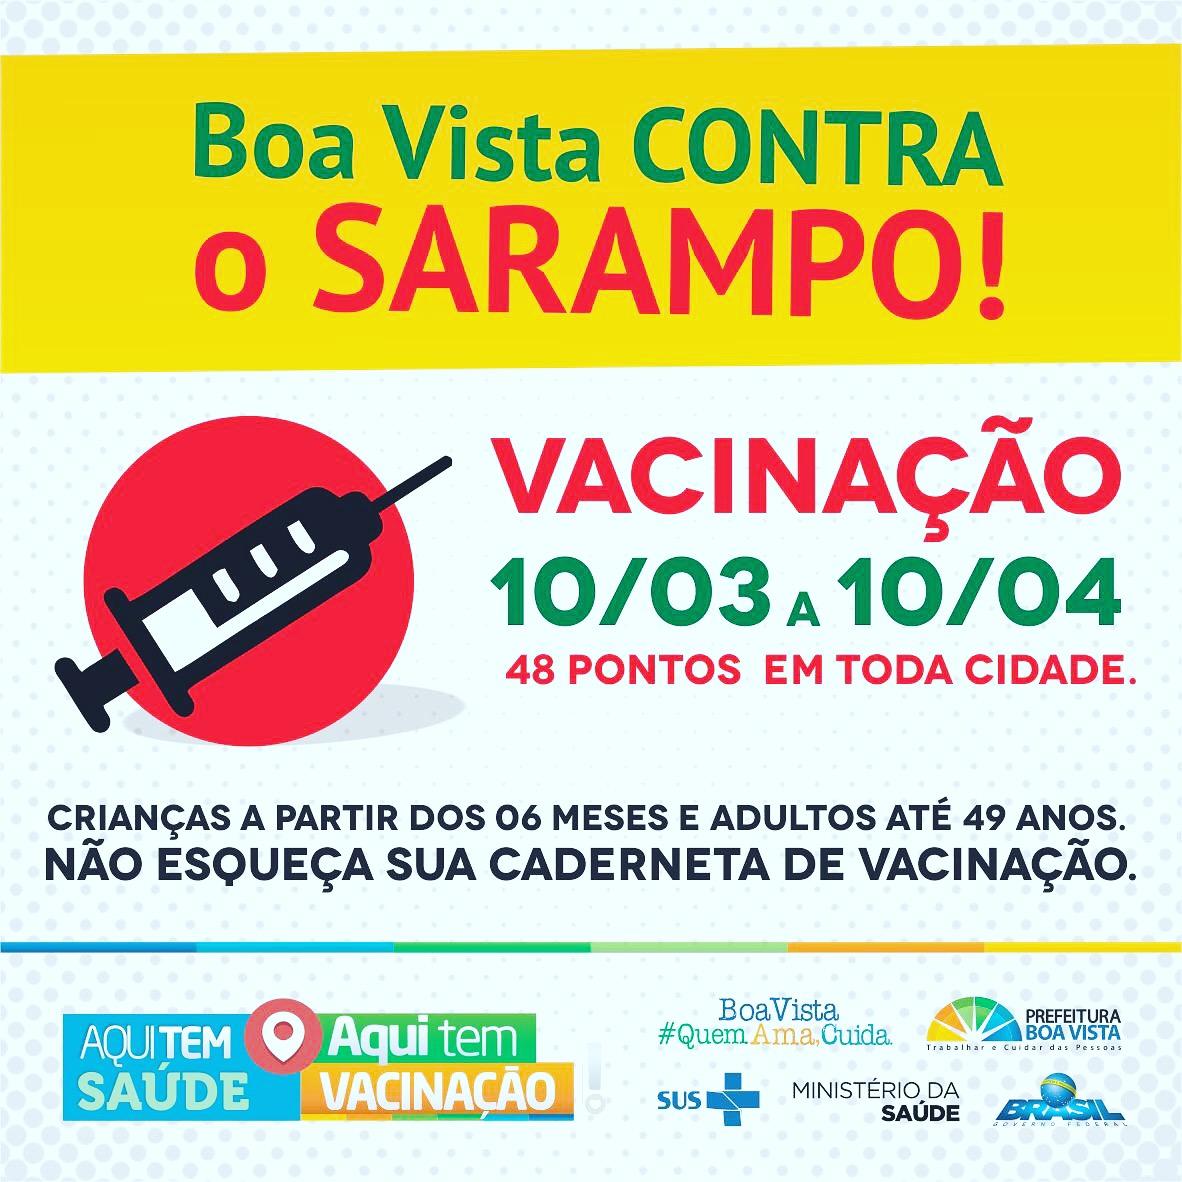 Prefeitura de Boa Vista lança campanha de vacinação contra sarampo